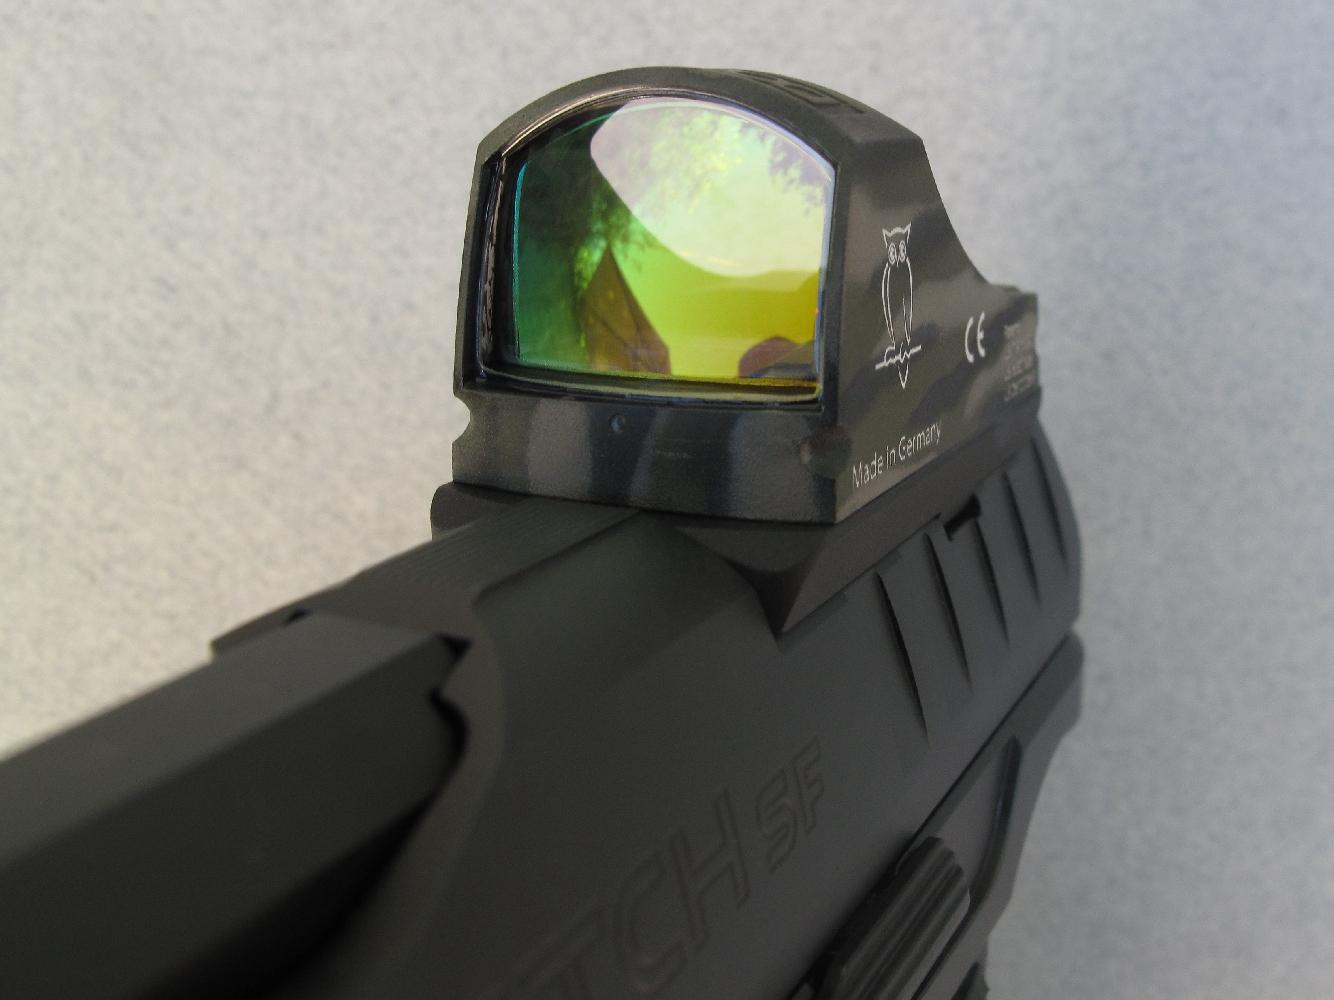 Nous avions initialement équipé notre arme de test d'un micro-viseur à point rouge Docter Sight III qui a déclaré forfait après quelques dizaines de coups. Nous avons appris par la suite que seuls les viseurs Docter portant le marquage « IPSC » ou « MOS » étaient conçus pour résister aux chocs des culasses à glissière...